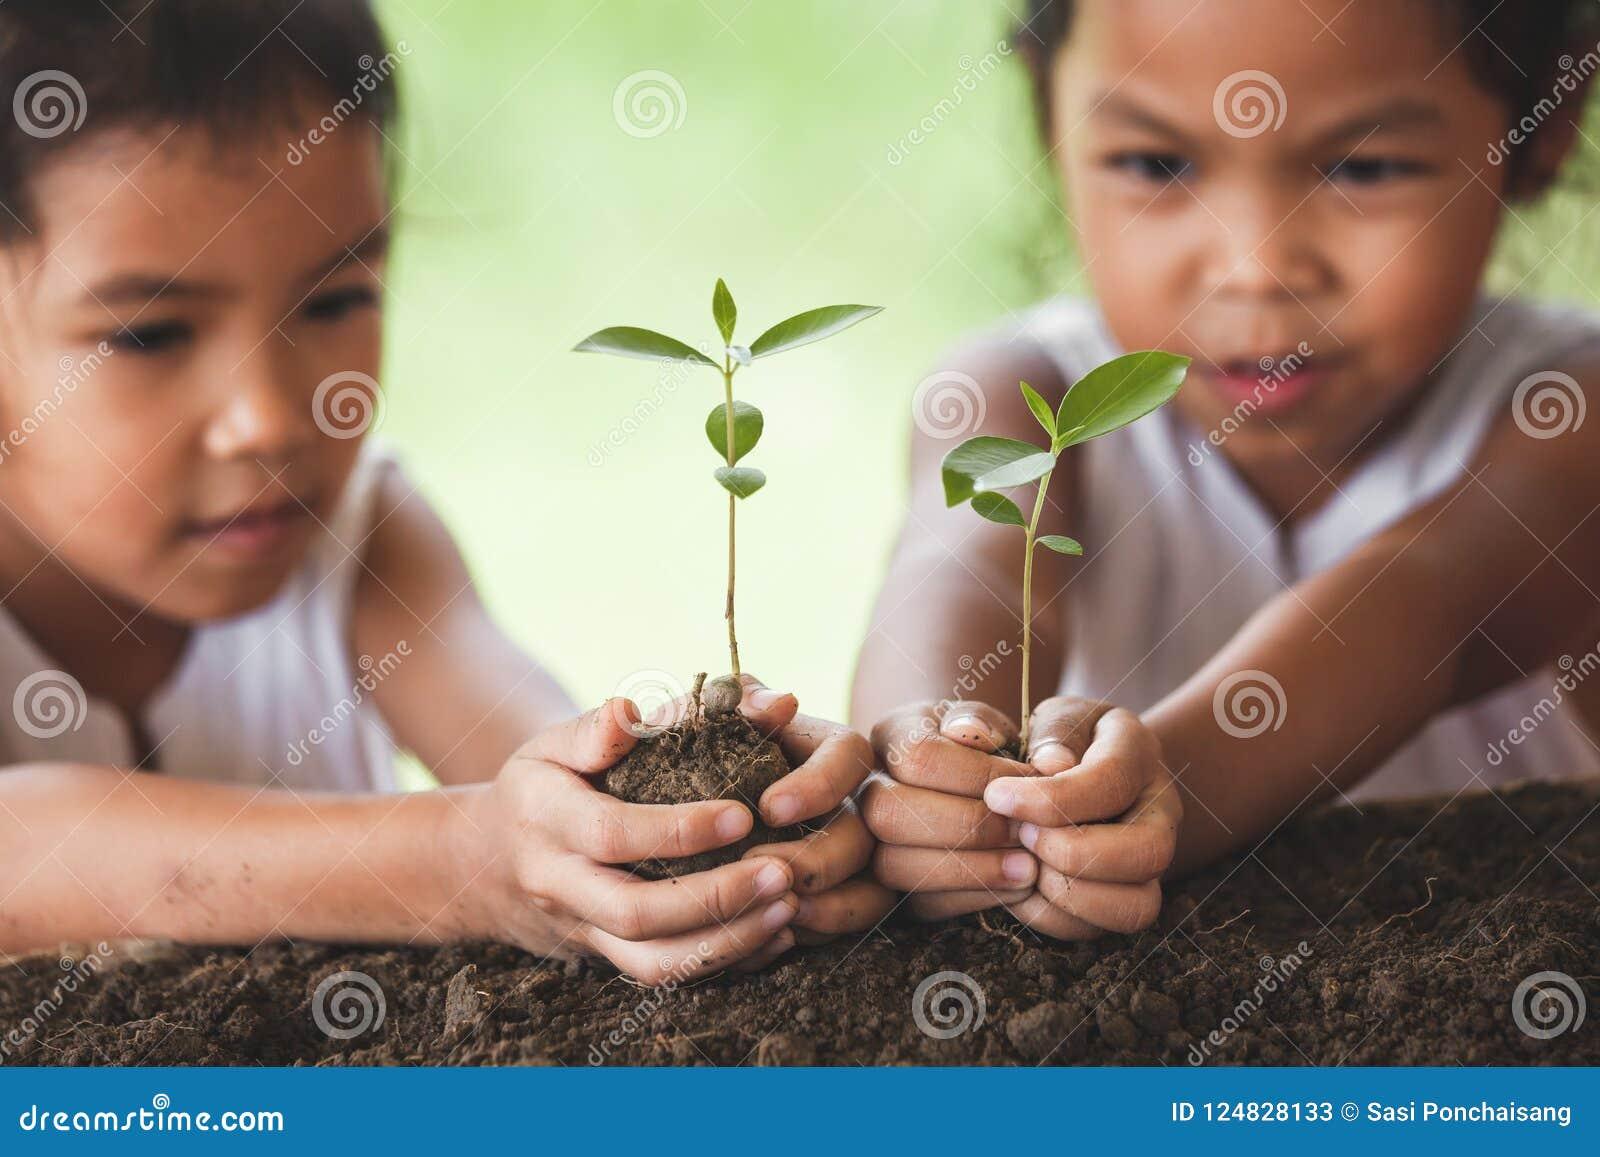 Zwei nette asiatische Kindermädchen, die jungen Baum auf schwarzem Boden pflanzen